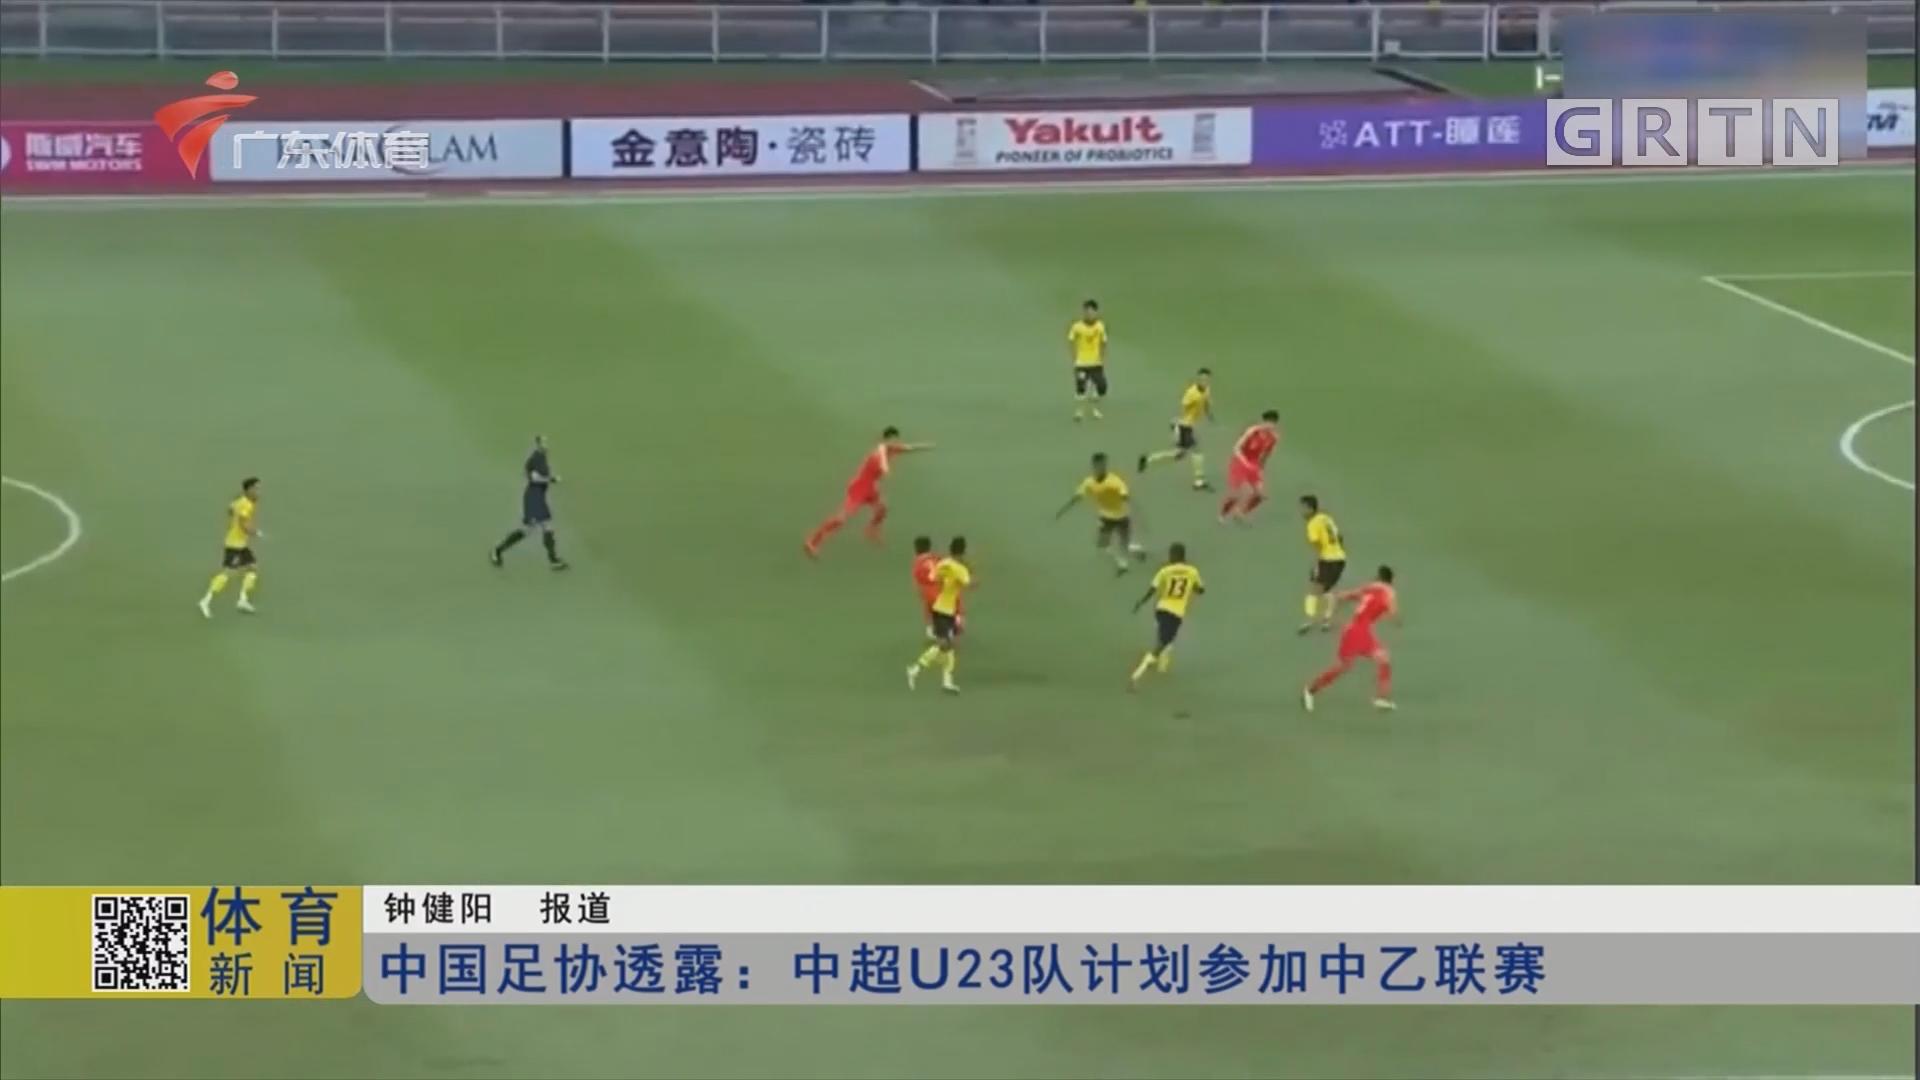 中国足协透露:中超U23队计划参加中乙联赛